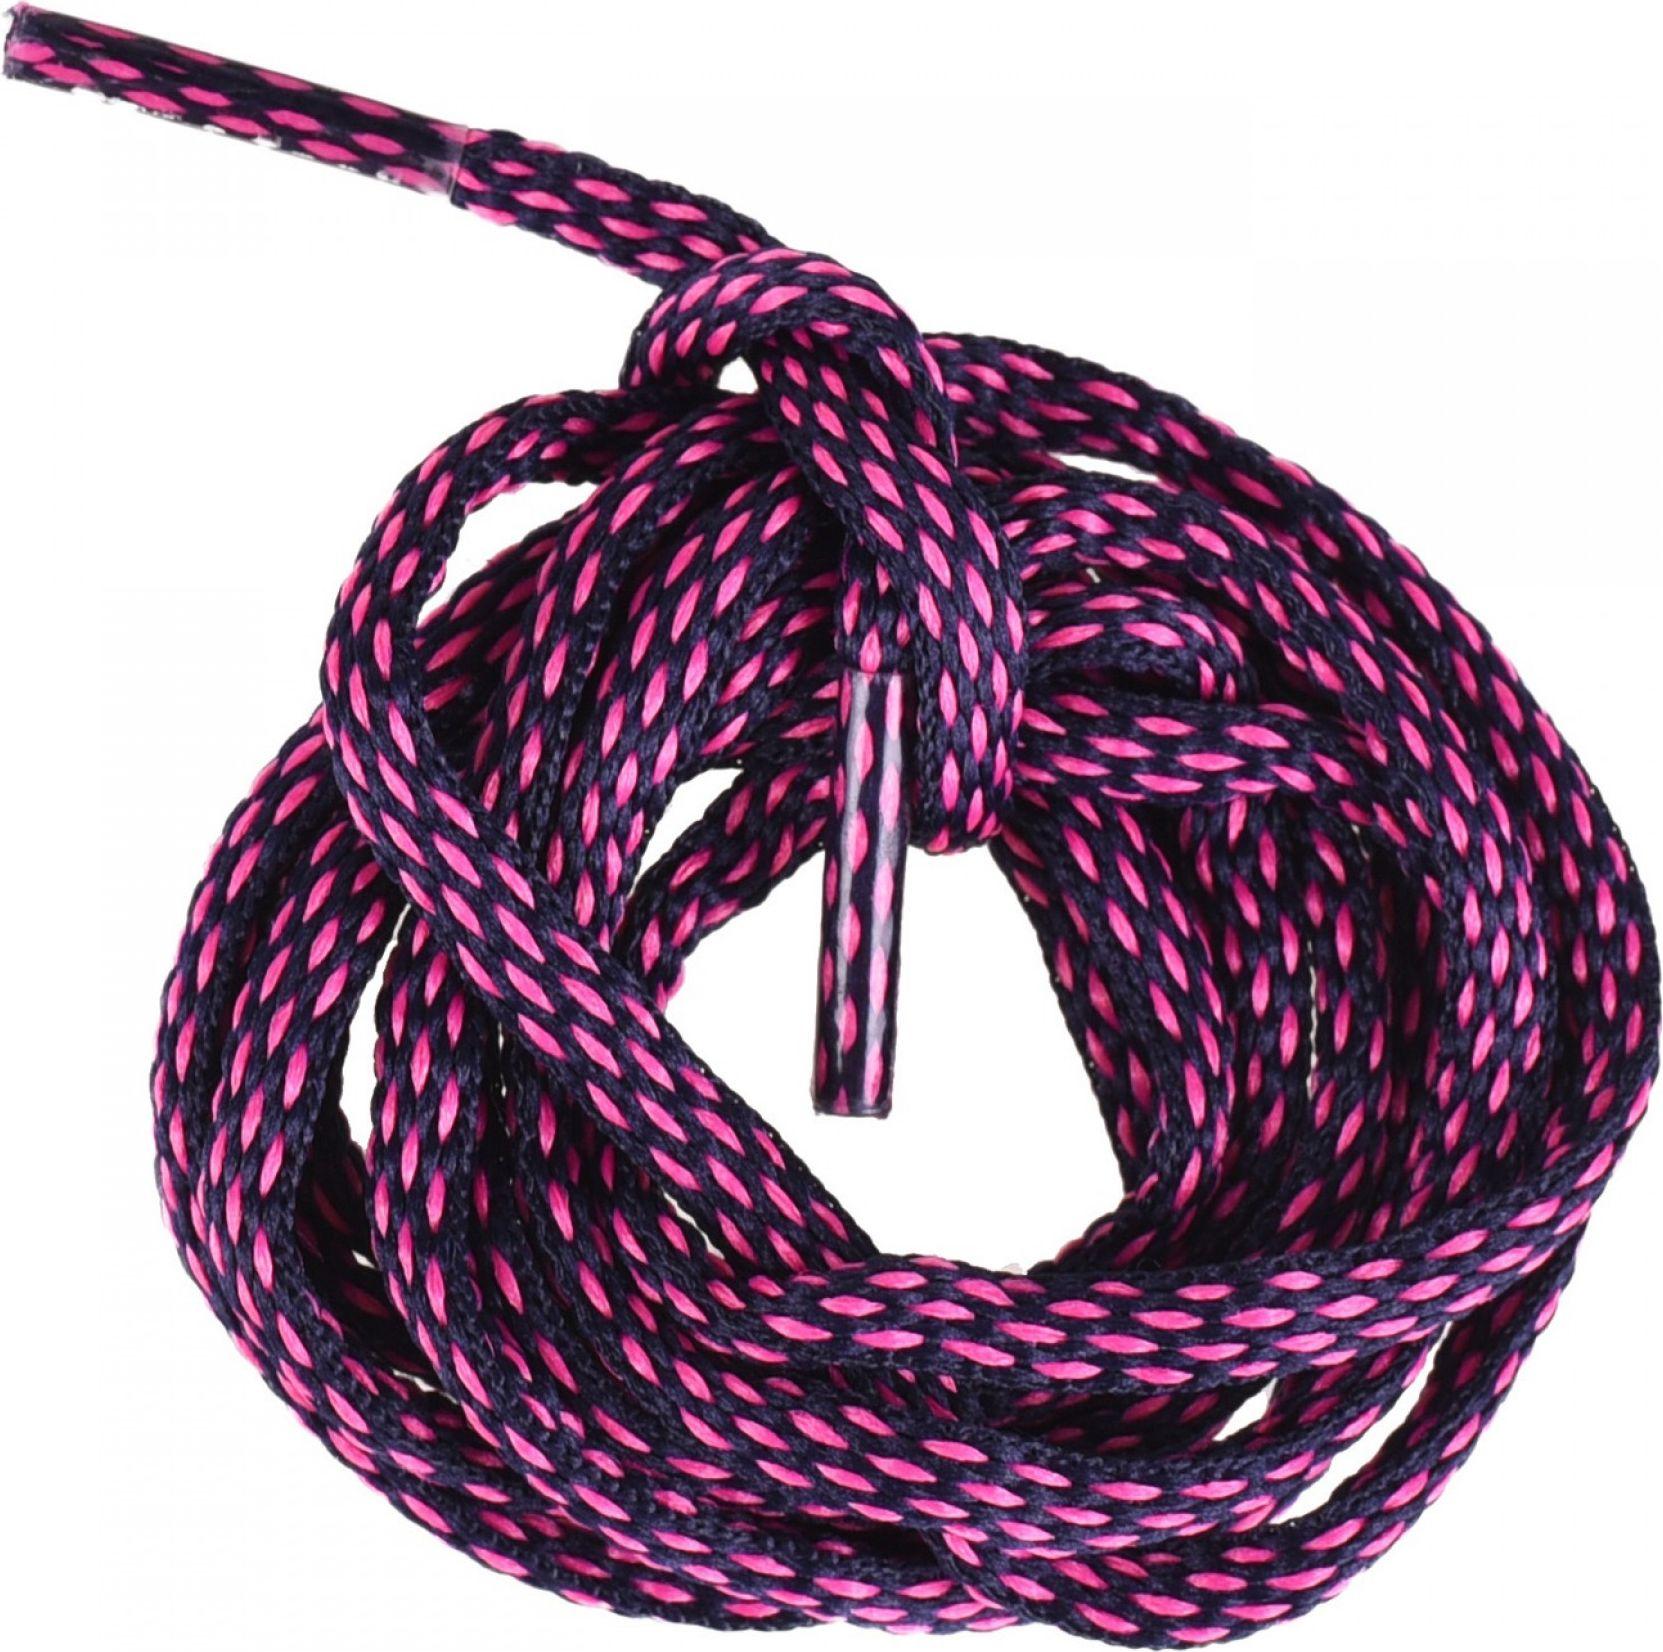 Elbrus Sznurowki Lace Discovery navy/pink 90 cm 5902786056033 Kopšanas līdzekļi apaviem